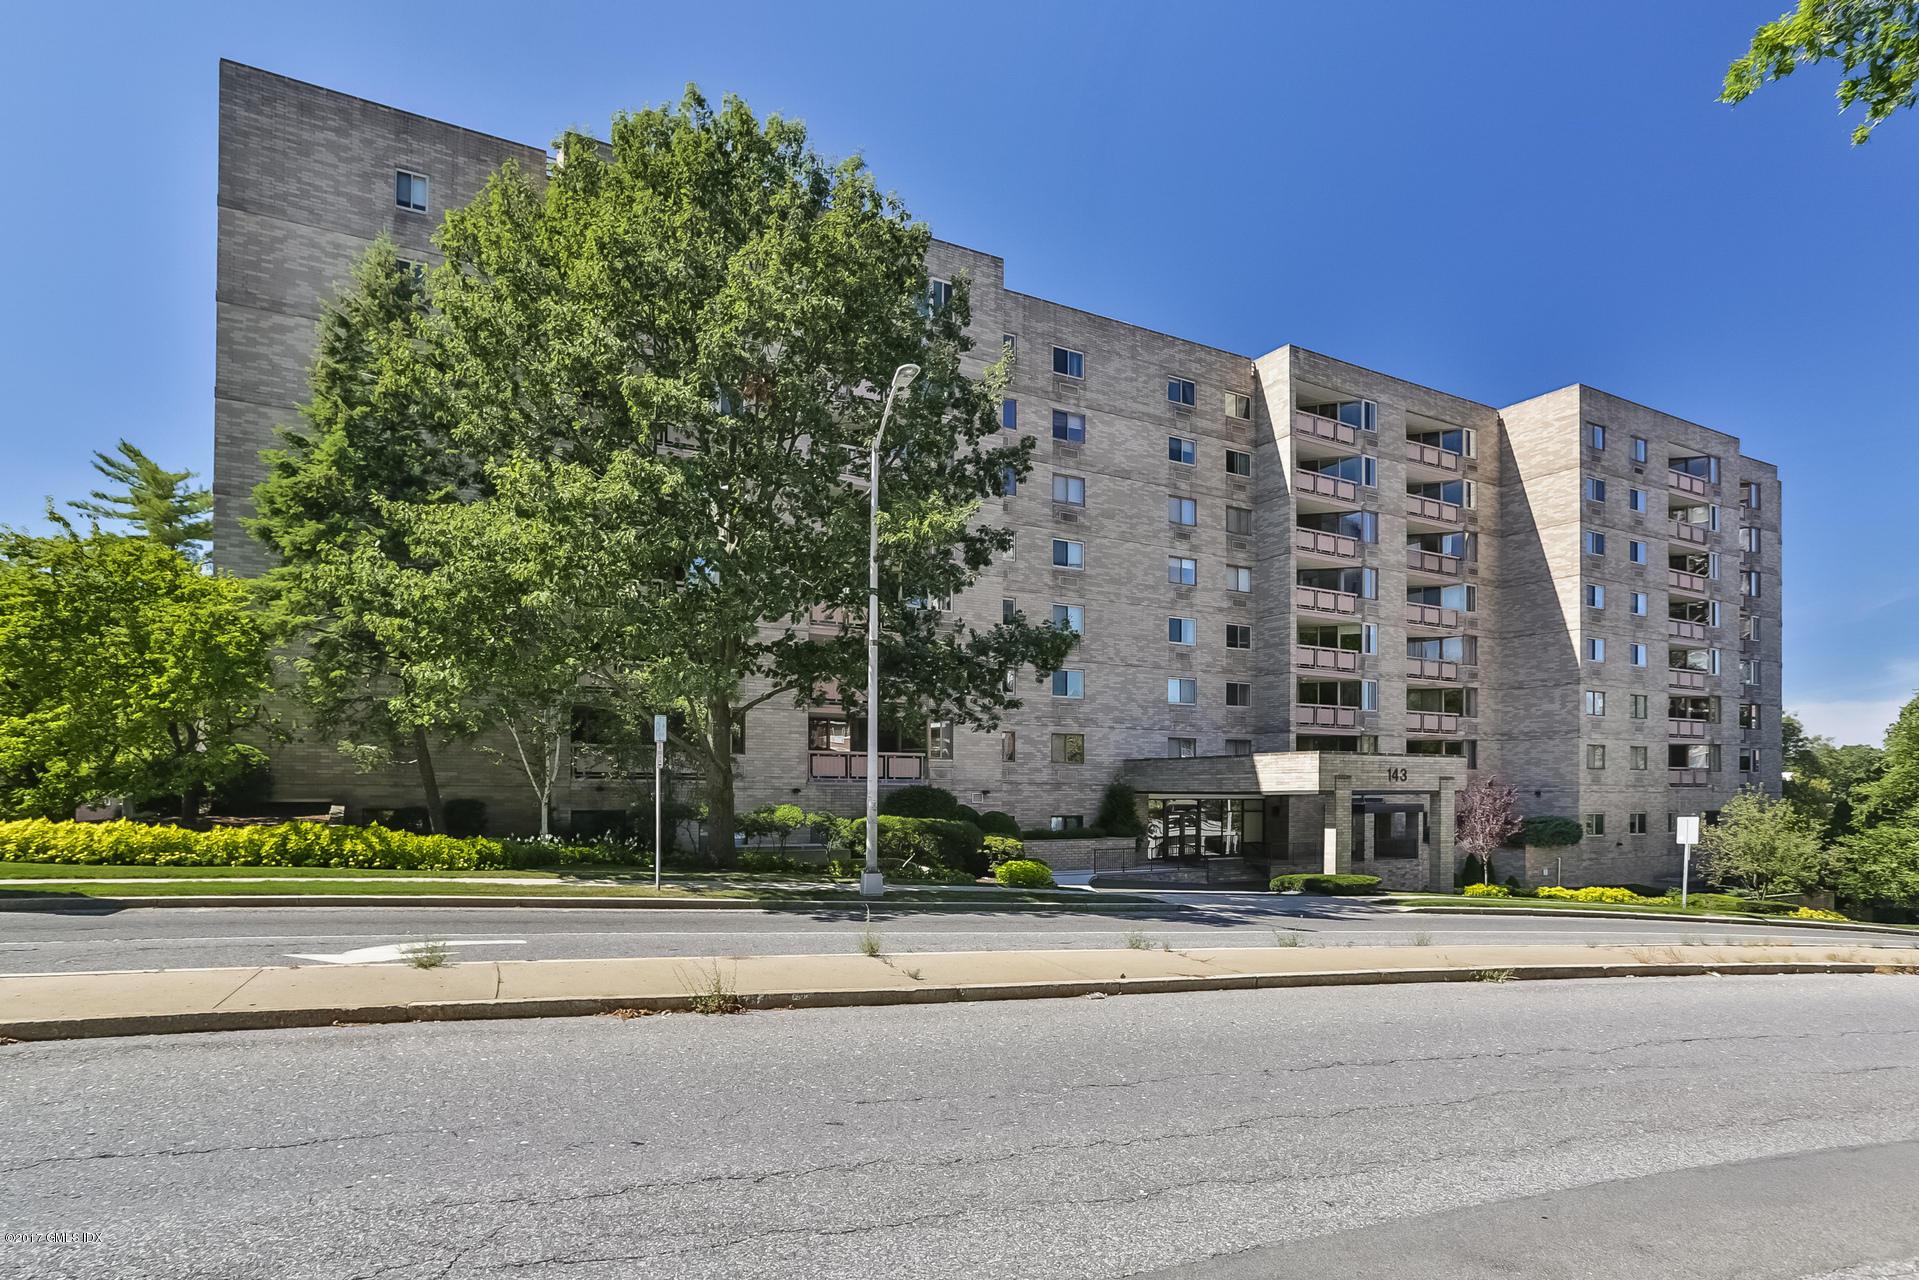 143 Hoyt Street, #7 F/G, Stamford, CT 06905